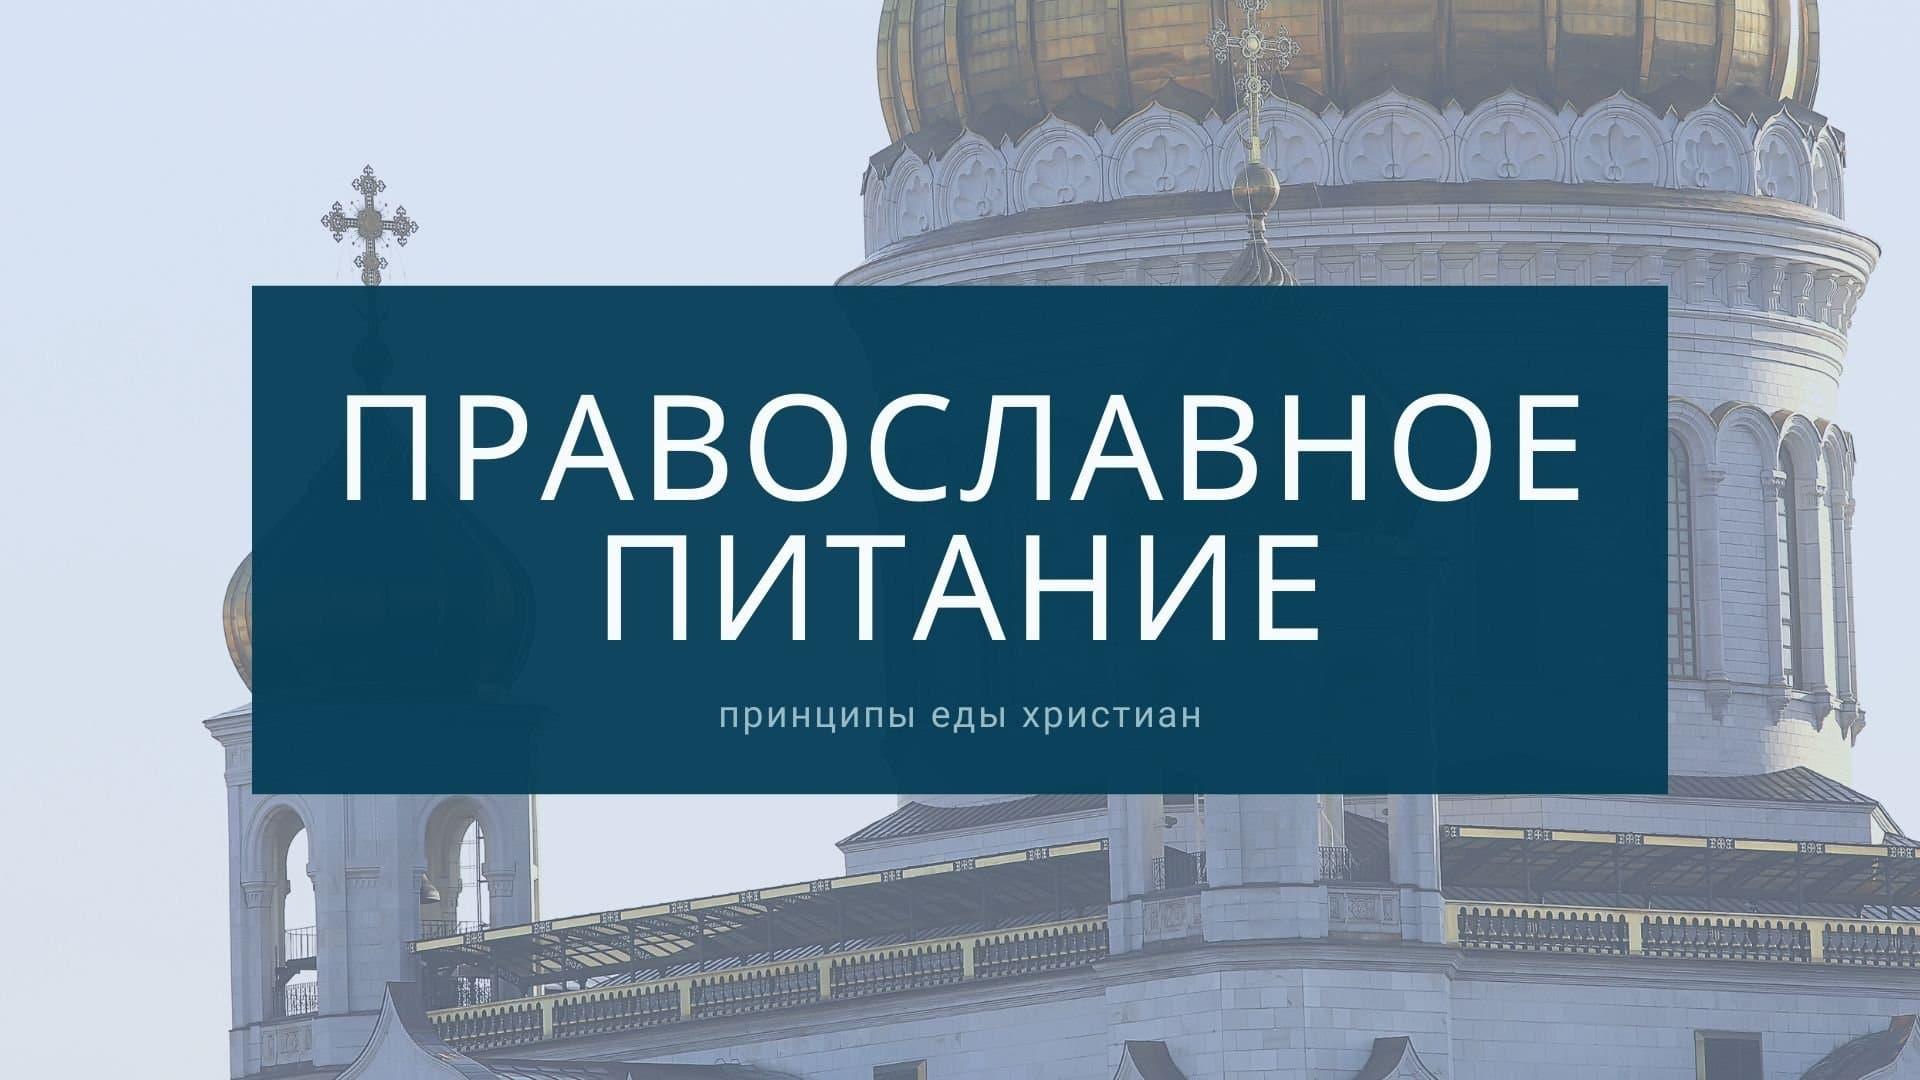 Православное питание: принципы еды христиан, что можно есть и что запрещено